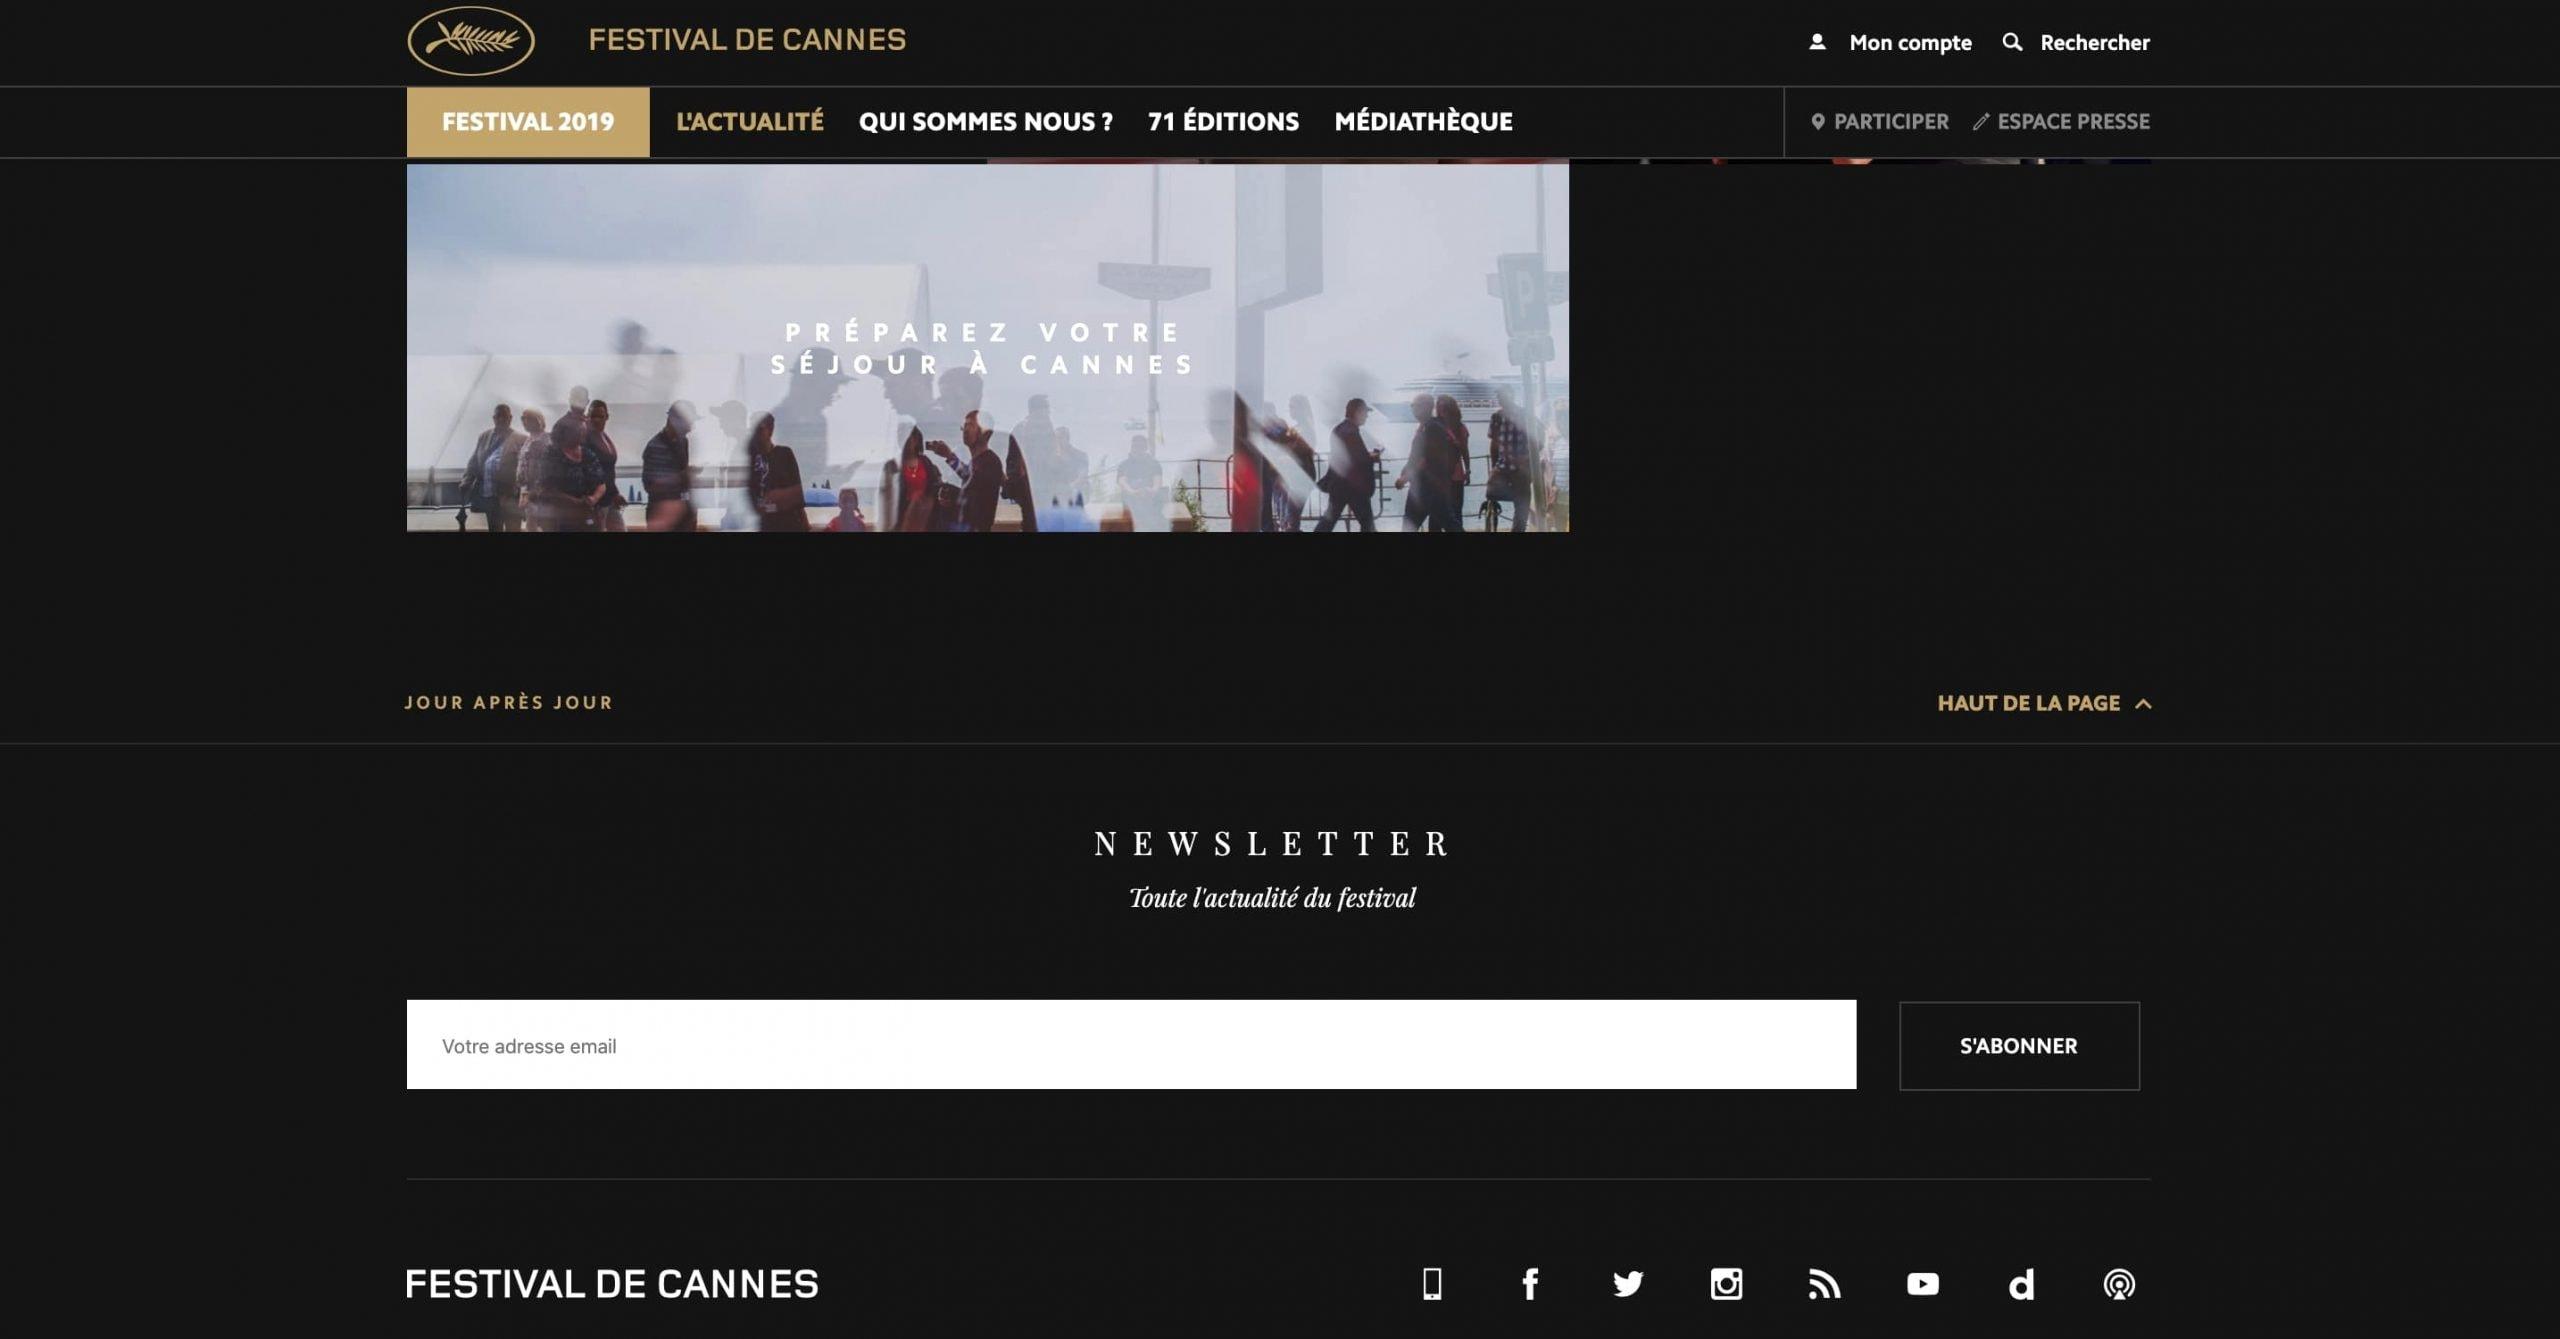 Exemple de la signification des couleurs : utilisation de la couleur or sur le site internet du Festival de Cannes. Il permet de souligné des éléments importants du site et de garder cet aspect prestigieux du Festival.